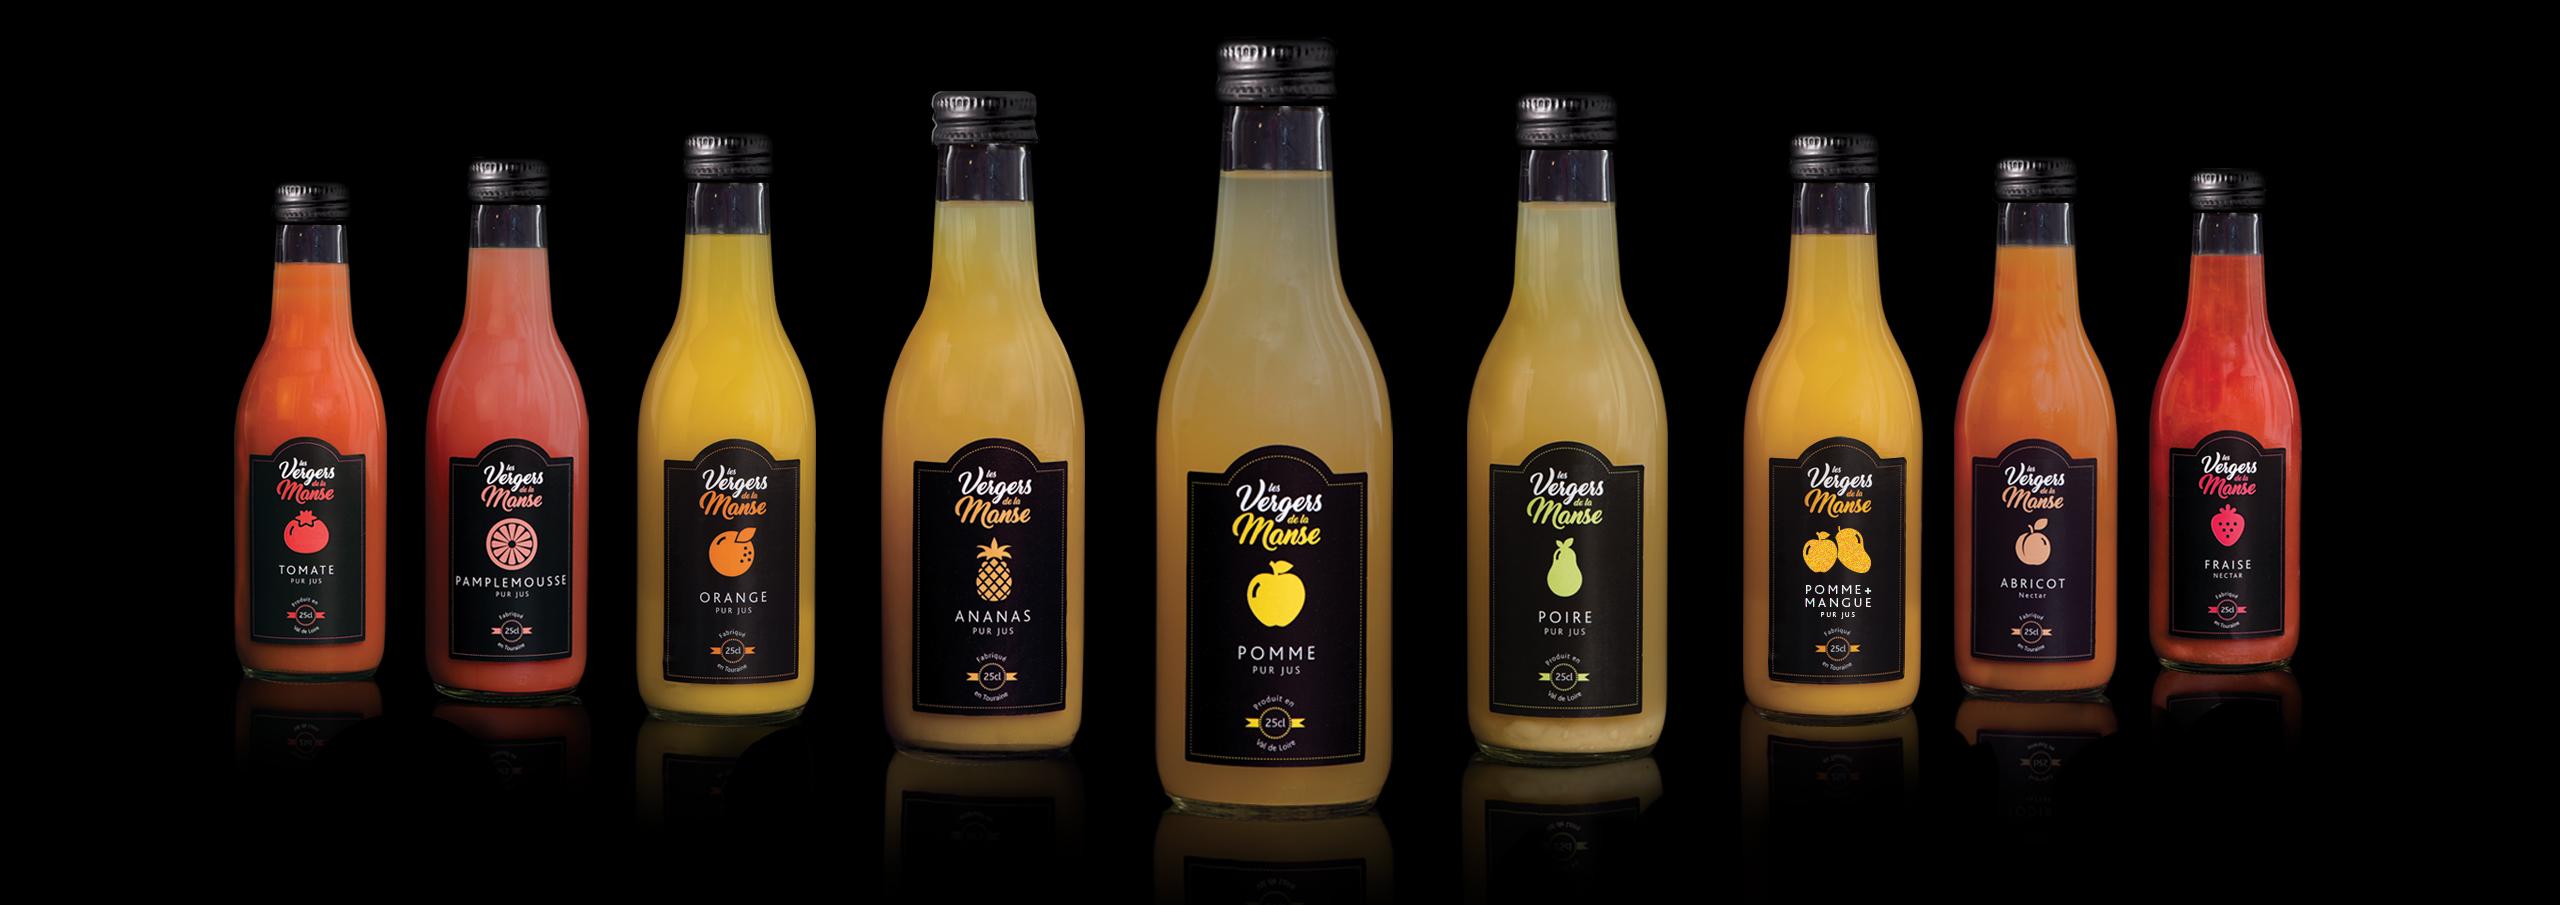 La gamme des bouteilles 25cl Vergers de la Manse